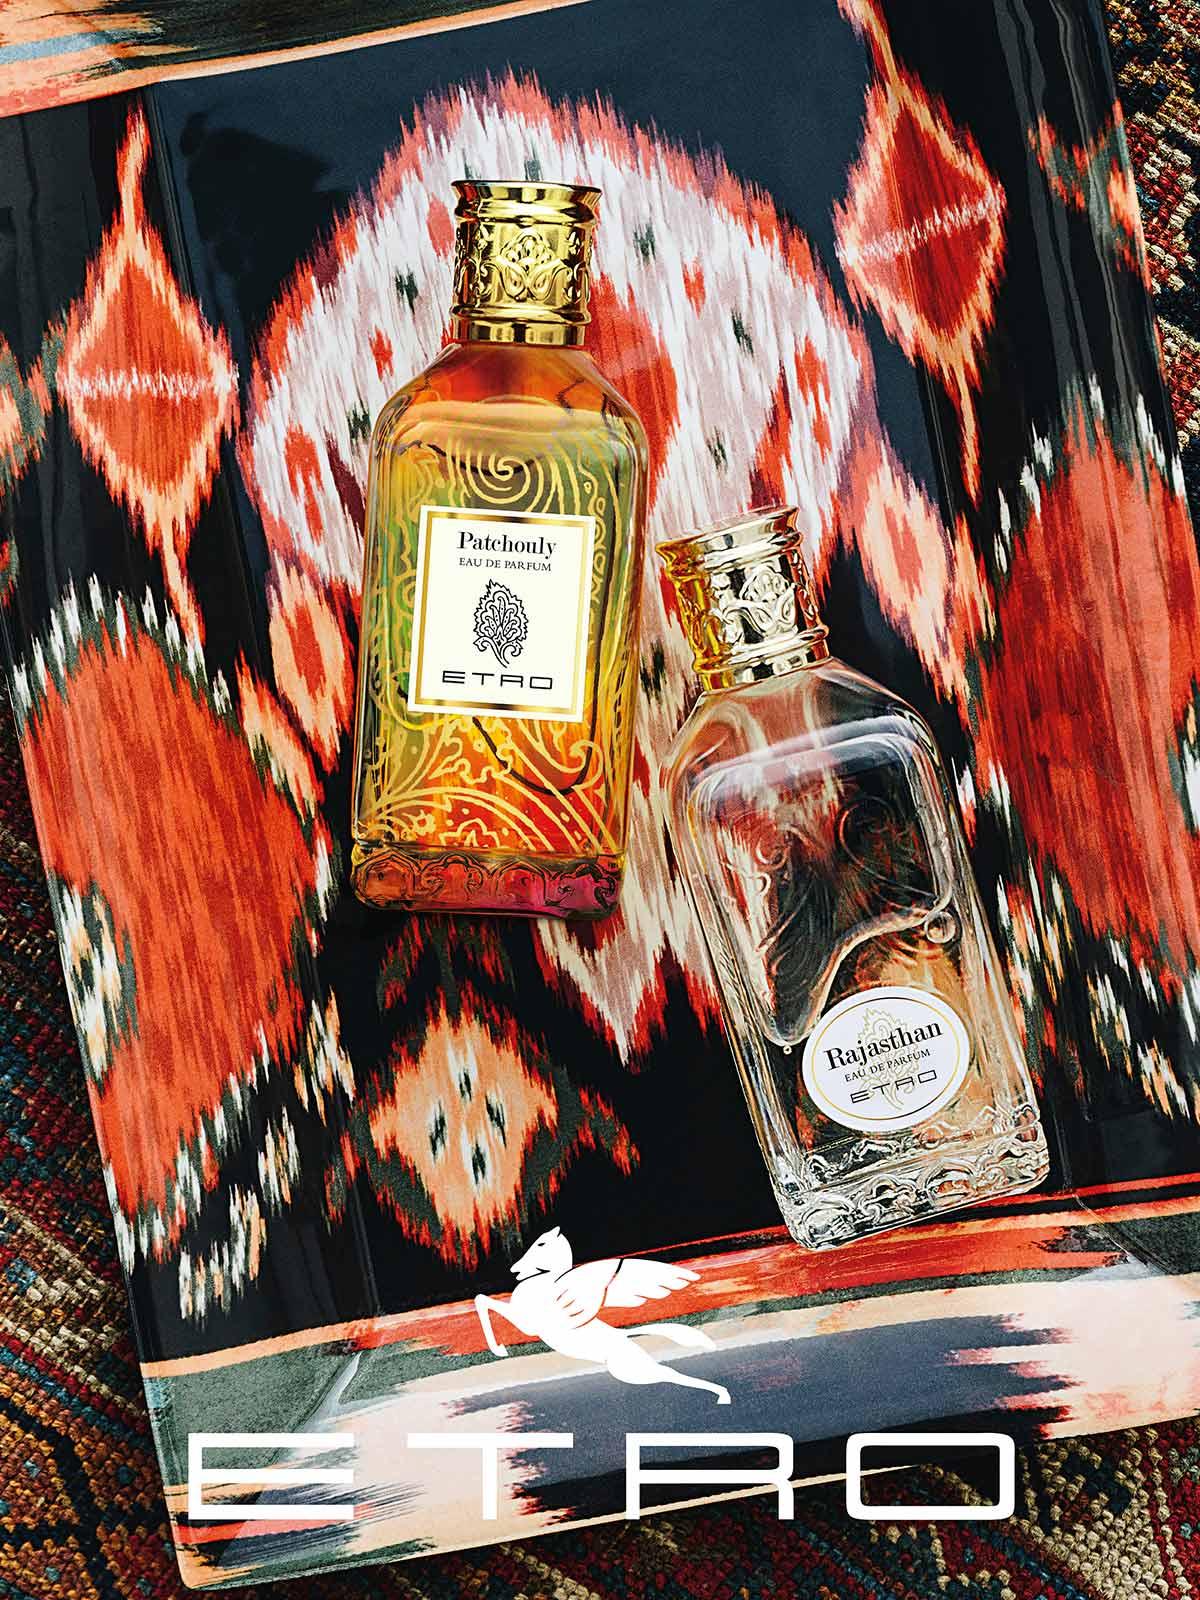 Ein Bild des Etro Patchouly Rajasthan Parfum Visuals